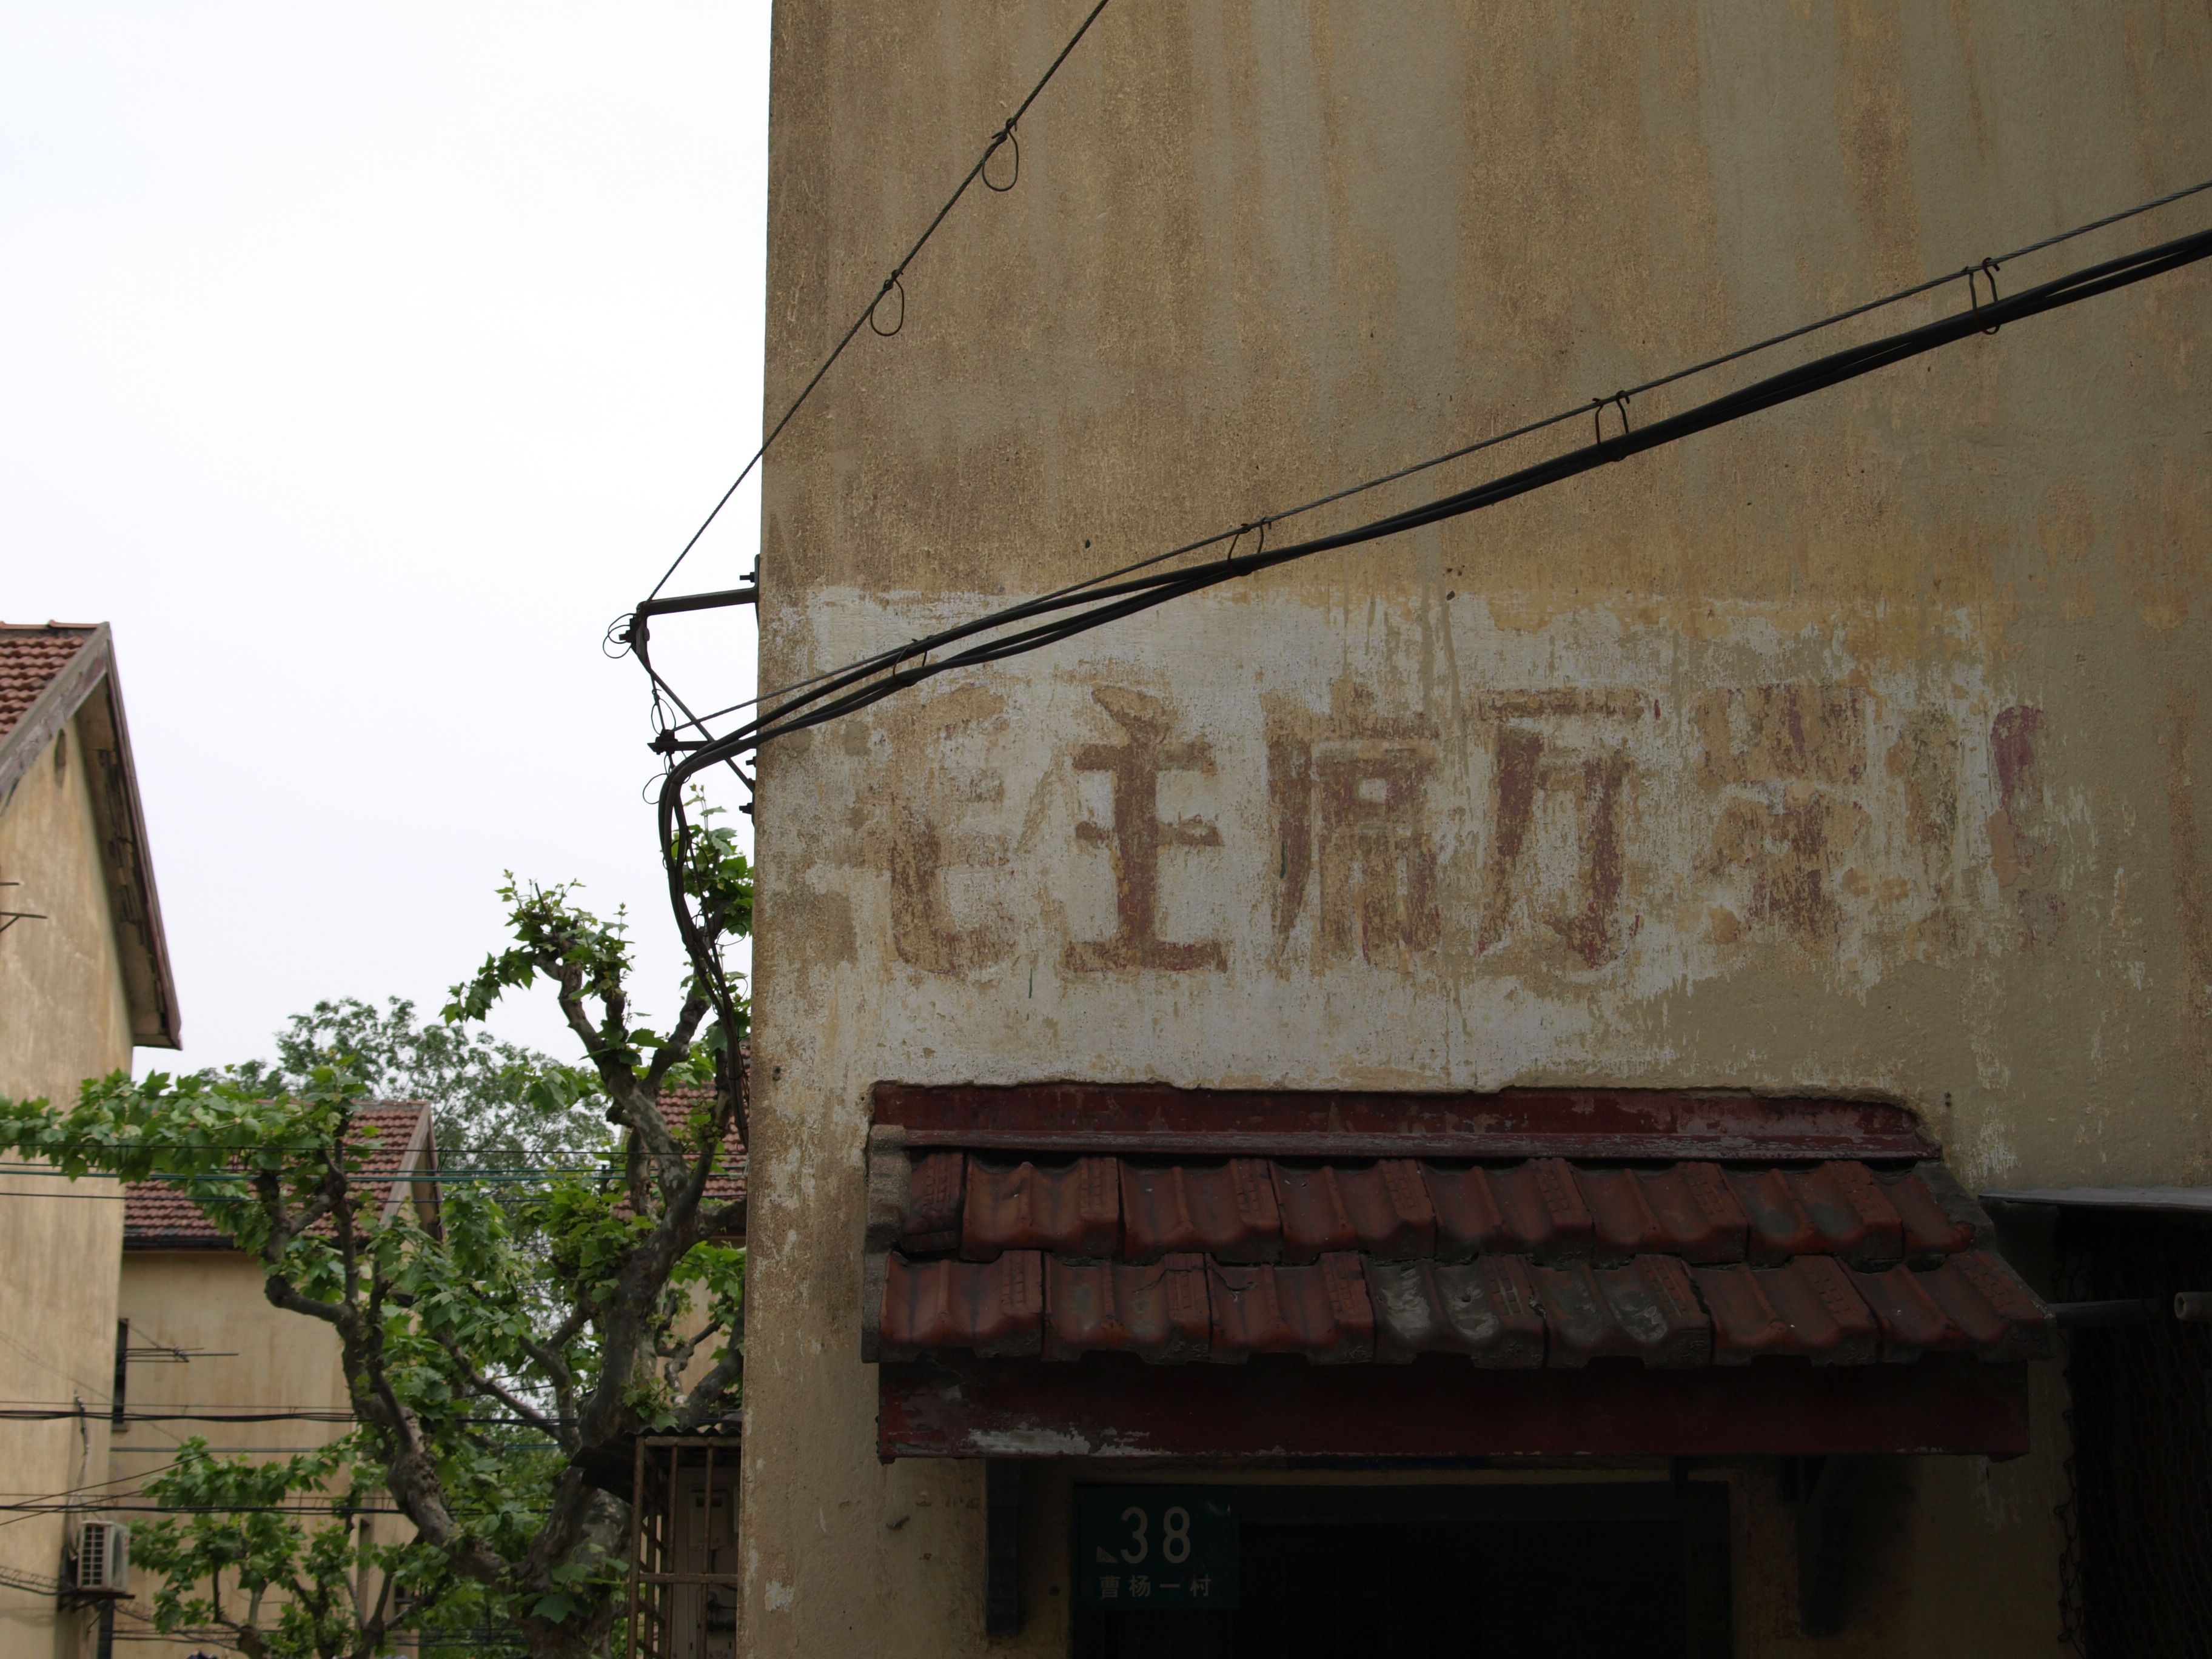 曹杨新村墙面上的标语,杨辰摄于2009年